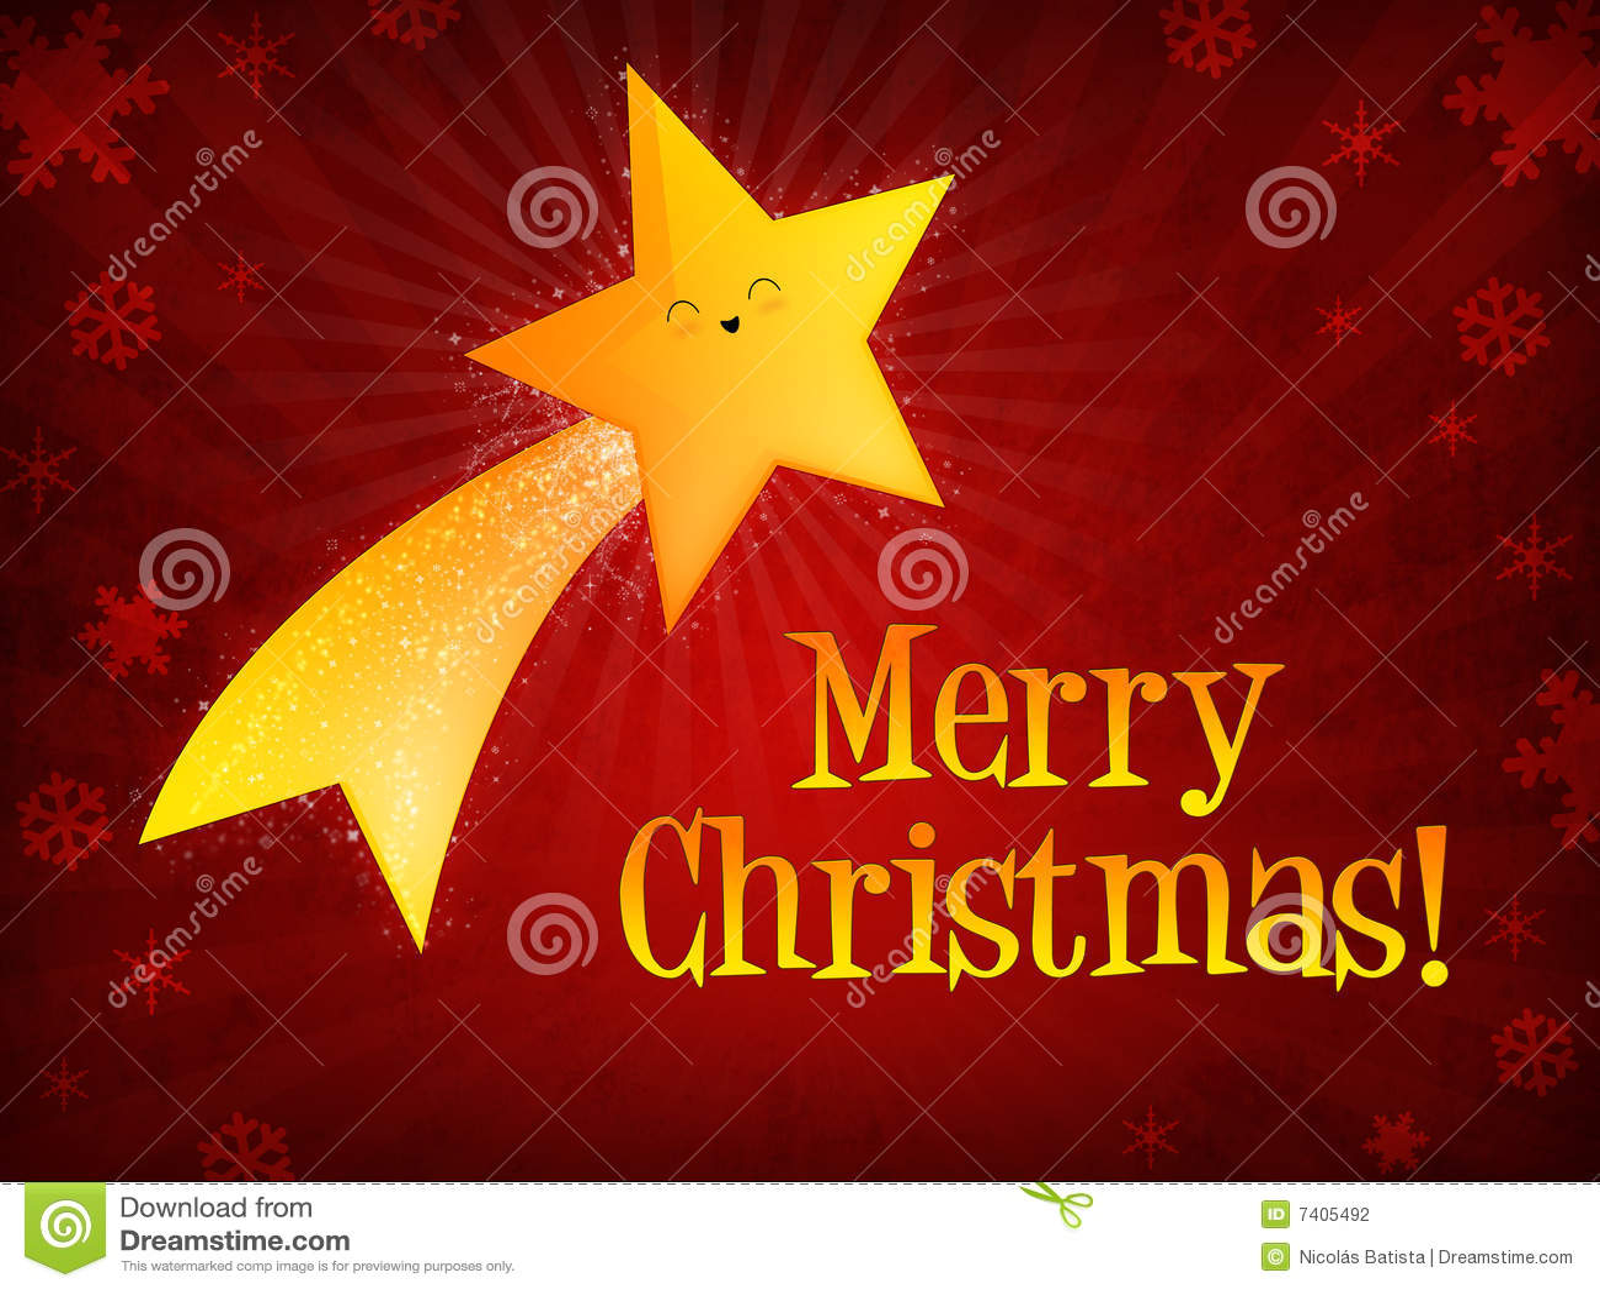 Merry Christmas Star - Image Mag